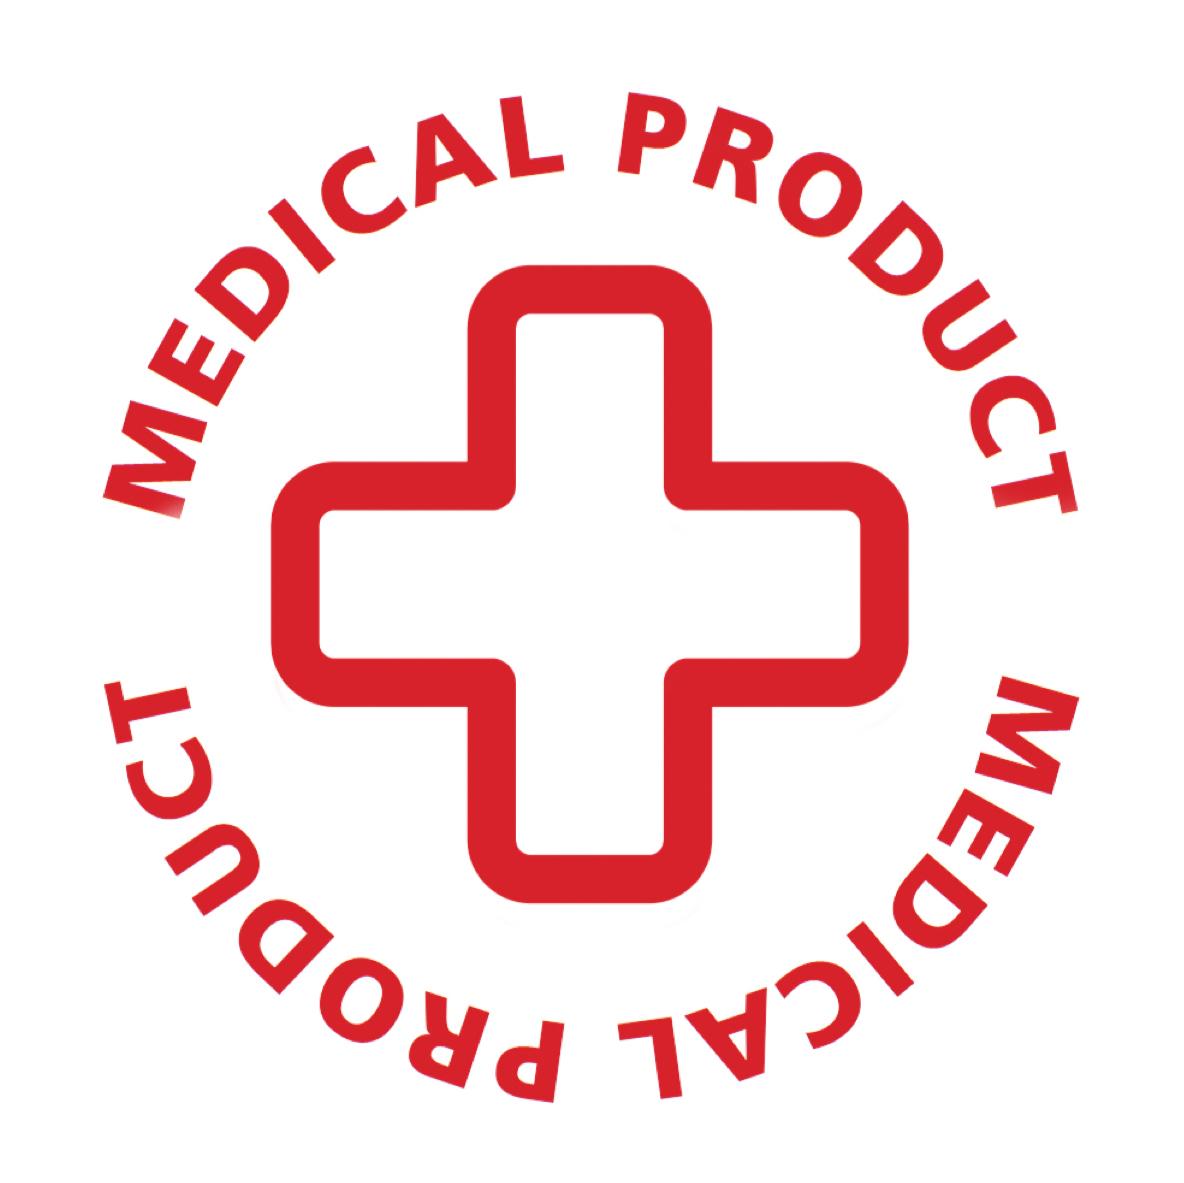 ikona_zdravotnicky vyrobek kopie